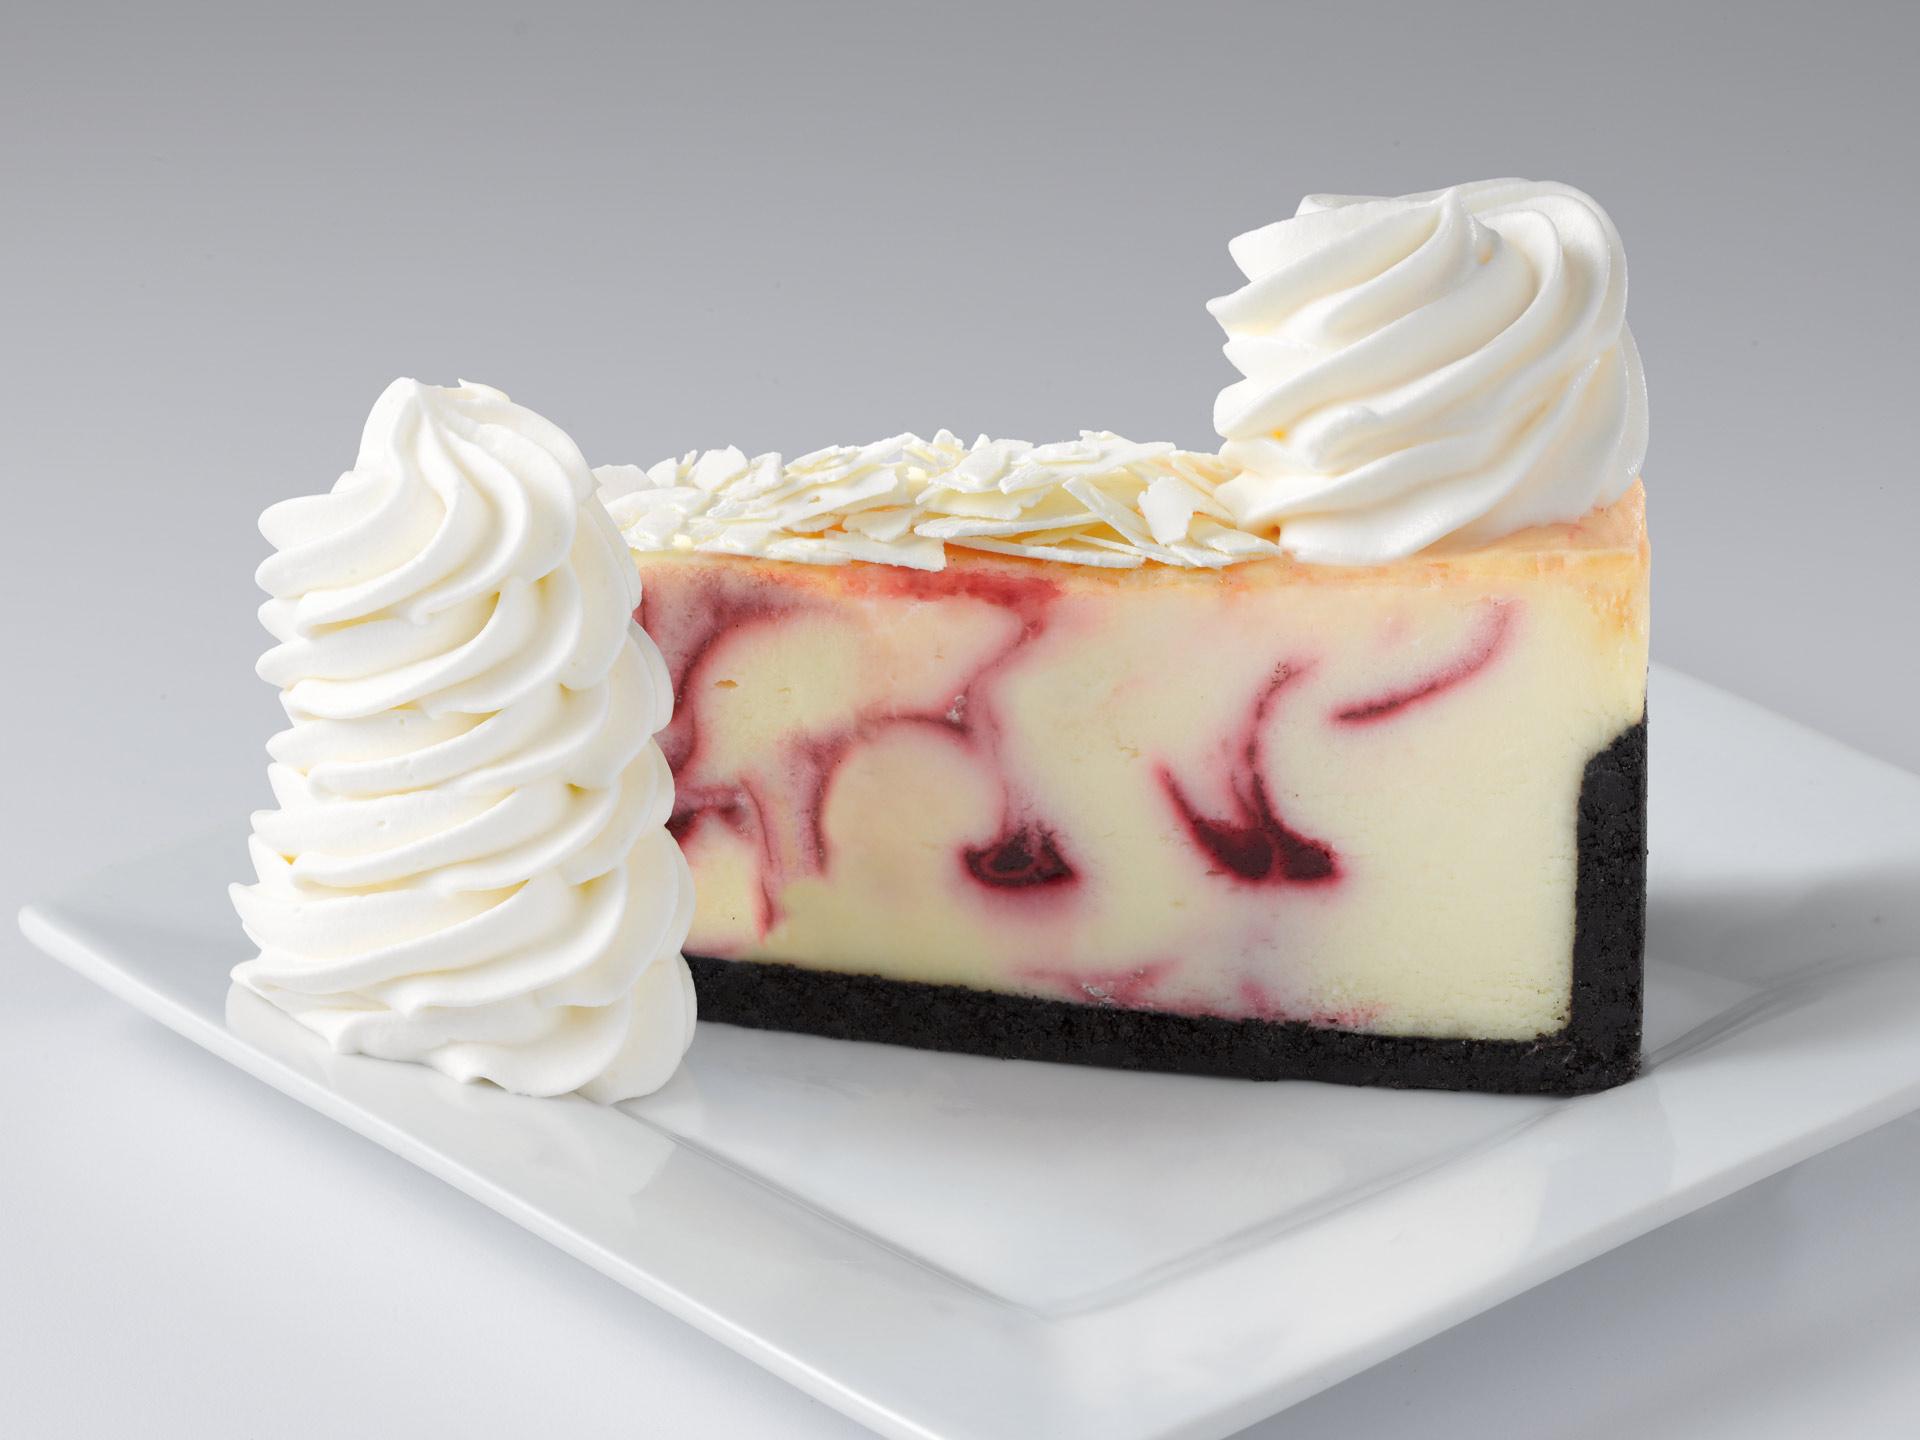 Cheesecake Factory © White Chocolate Raspberry Truffle